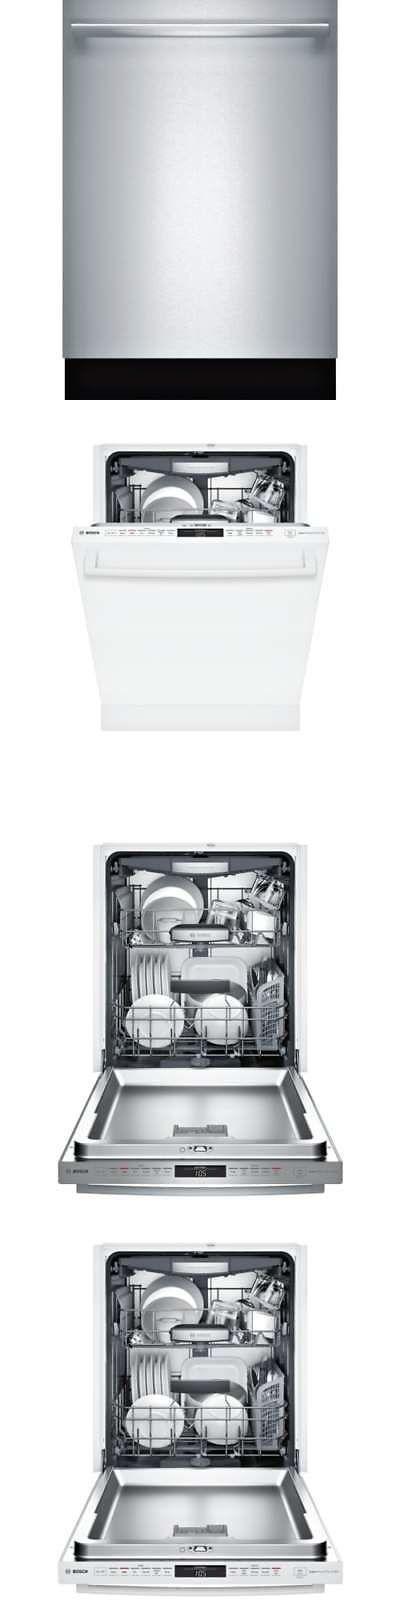 Dishwashers 116023 Bosch Shxm78w55n 24 W 16 Place Setting Energy